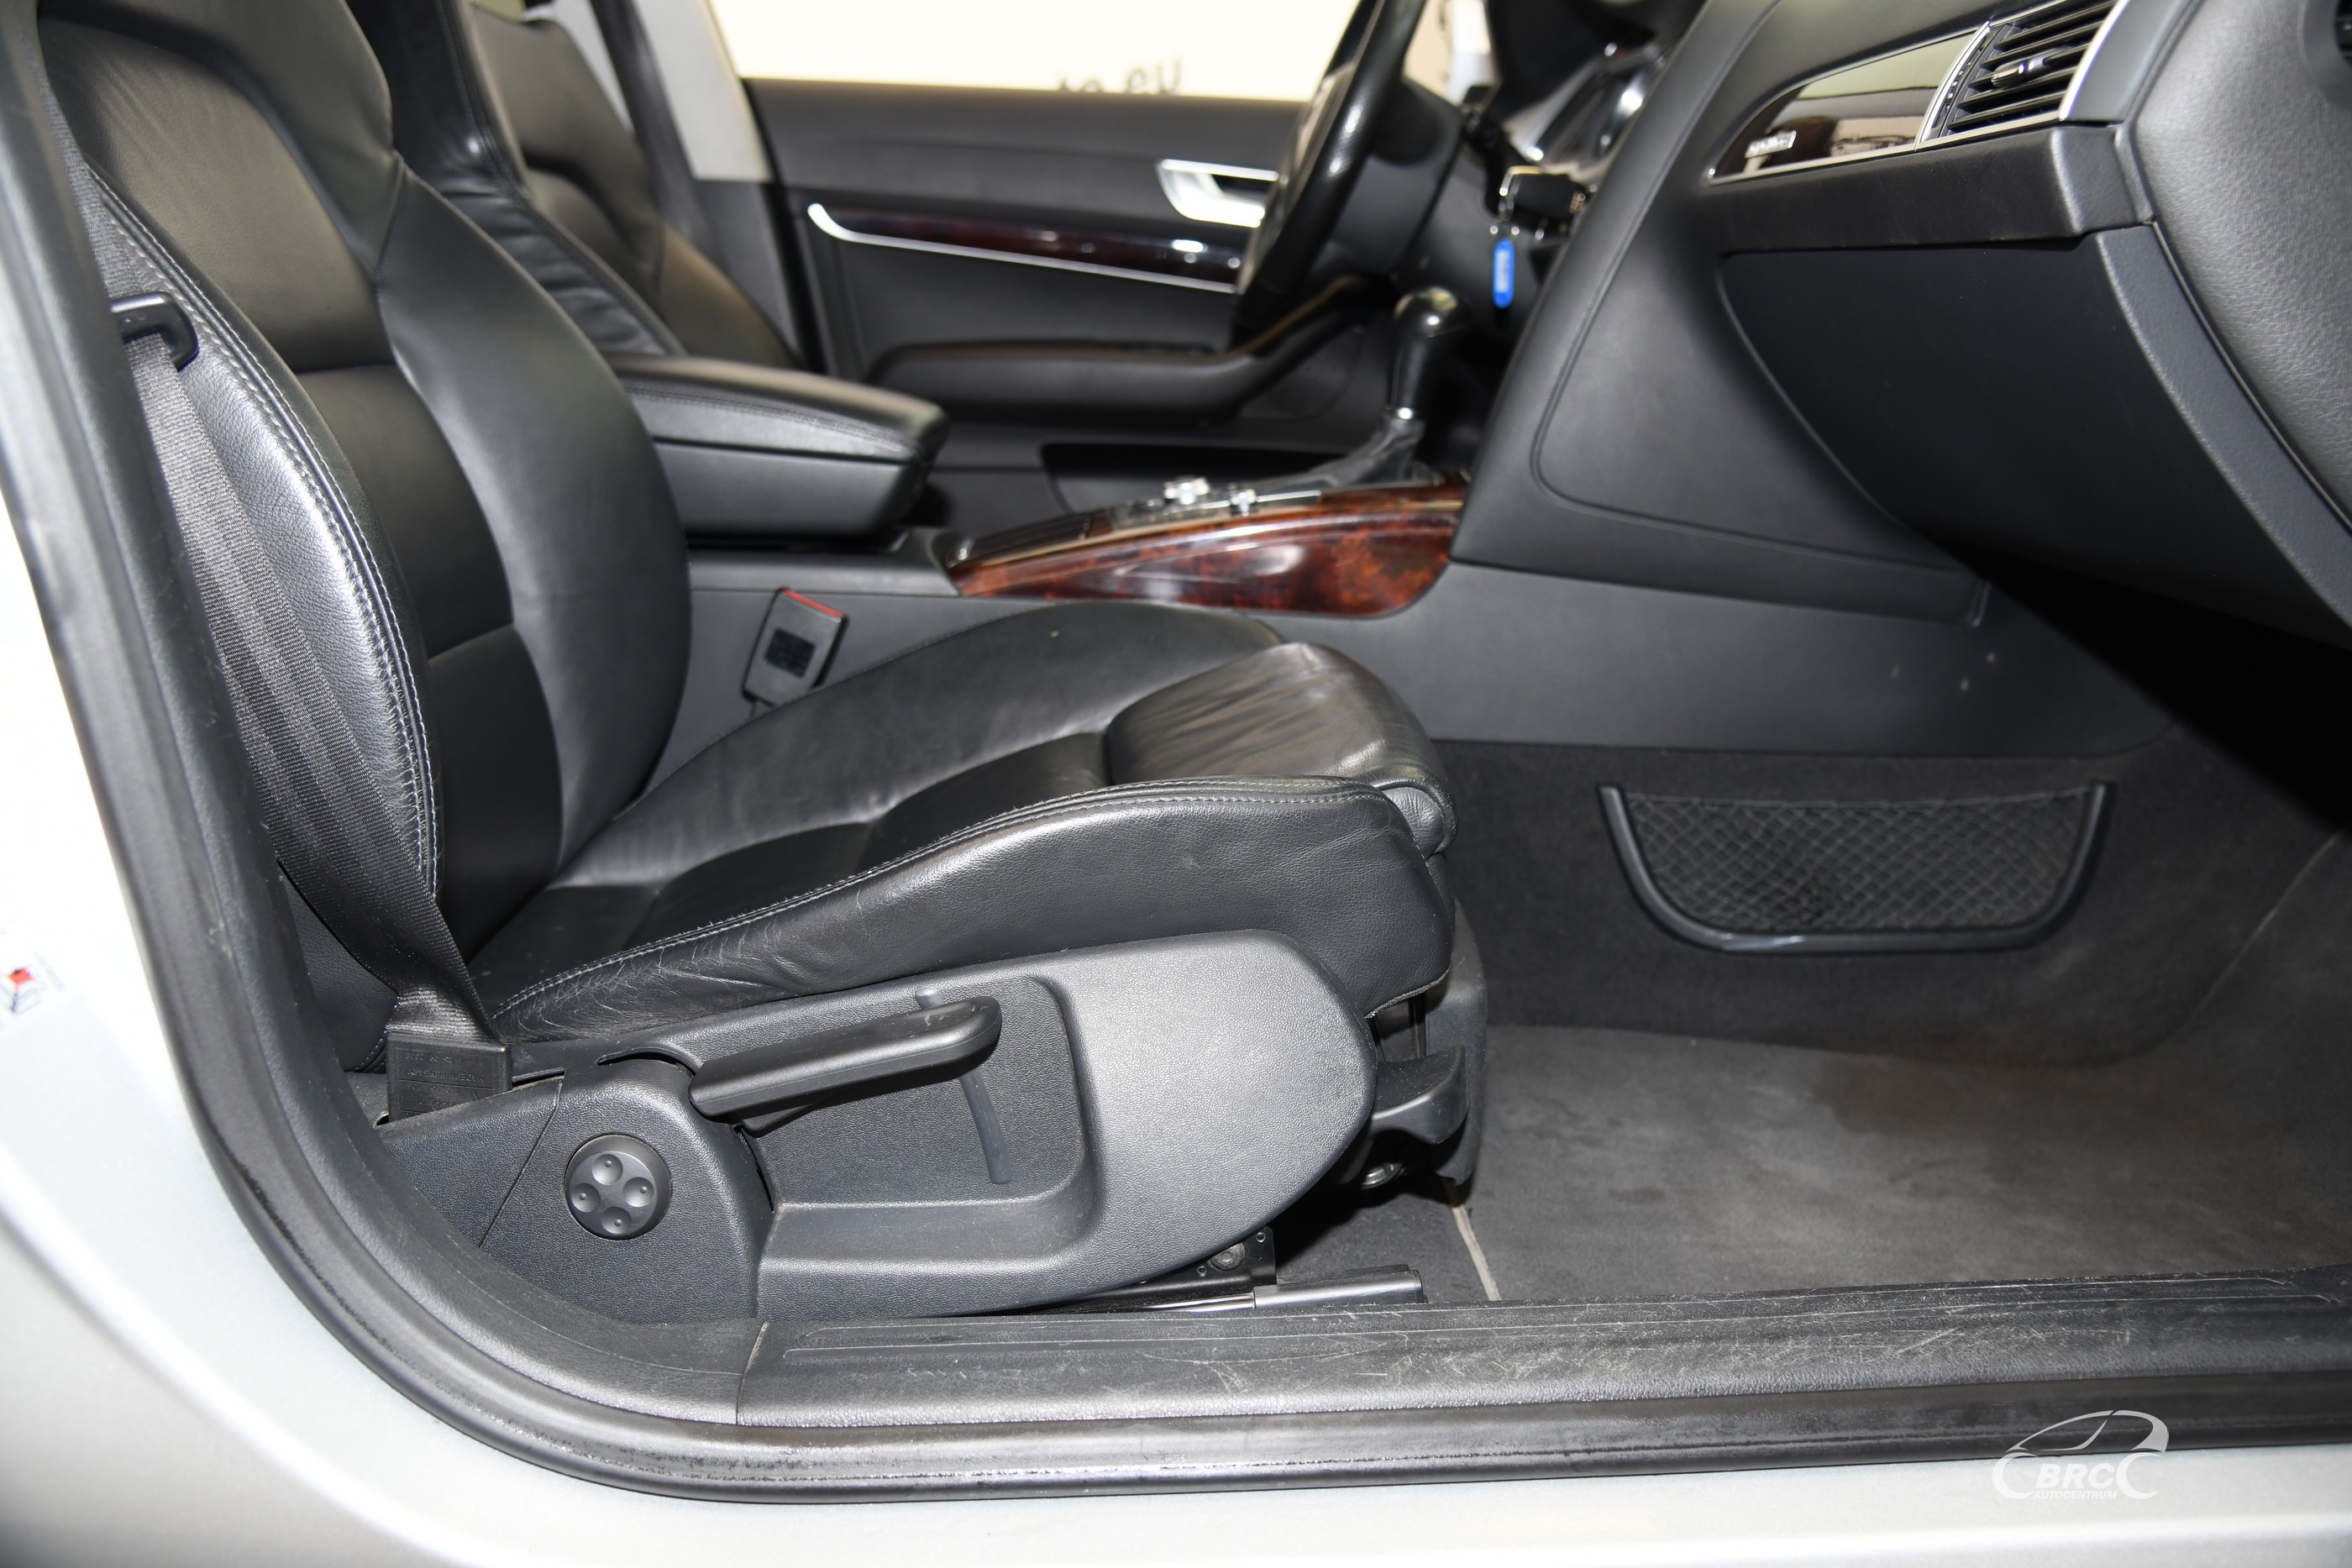 Audi A6 Allroad 3.0 TDI Quattro Automatas